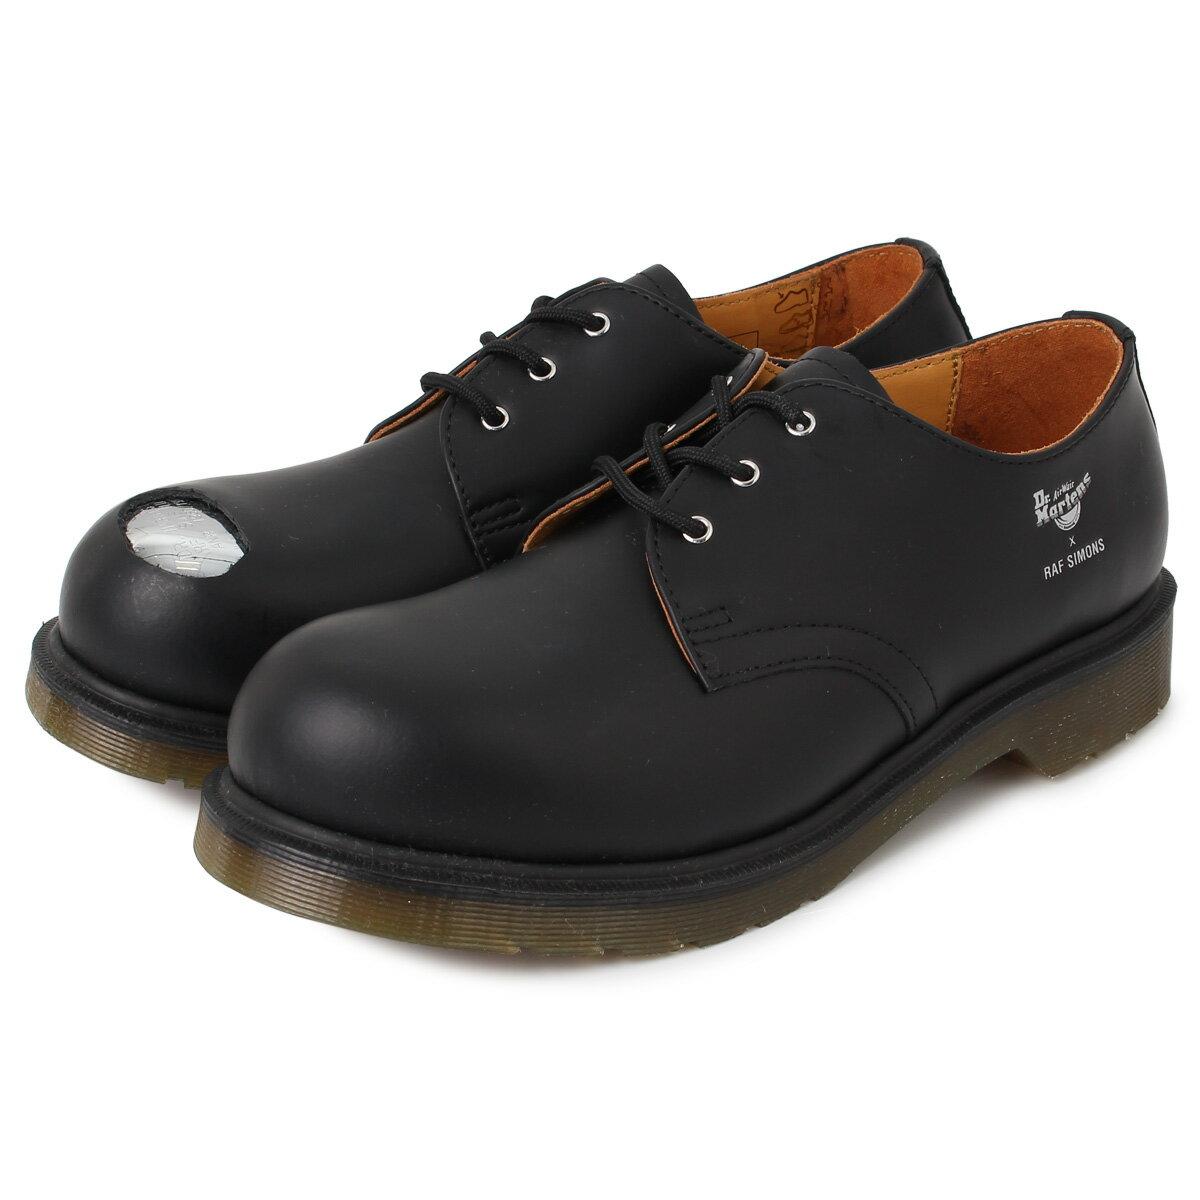 メンズ靴, その他 Dr.Martens RAF SIMONS ASYMMETRIC CUT OUT STEEL TOE SHOE 3 192-937D